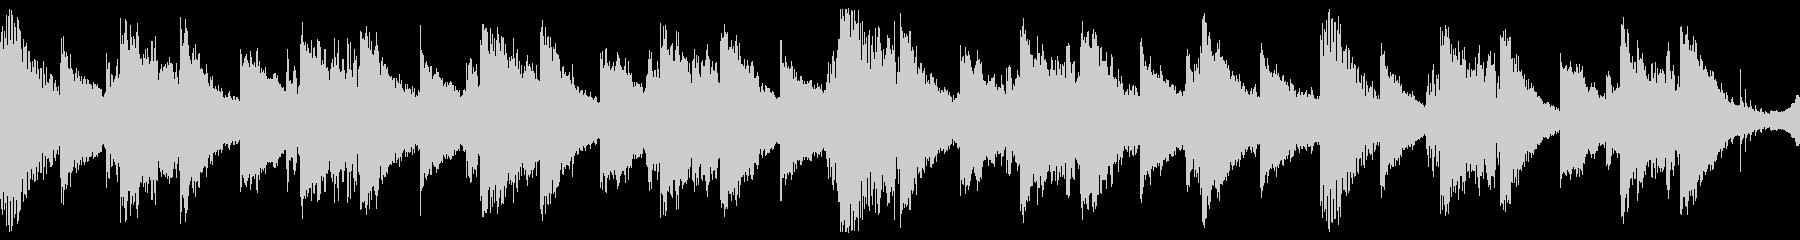 Xなファイルの都市伝説_1分ループの未再生の波形